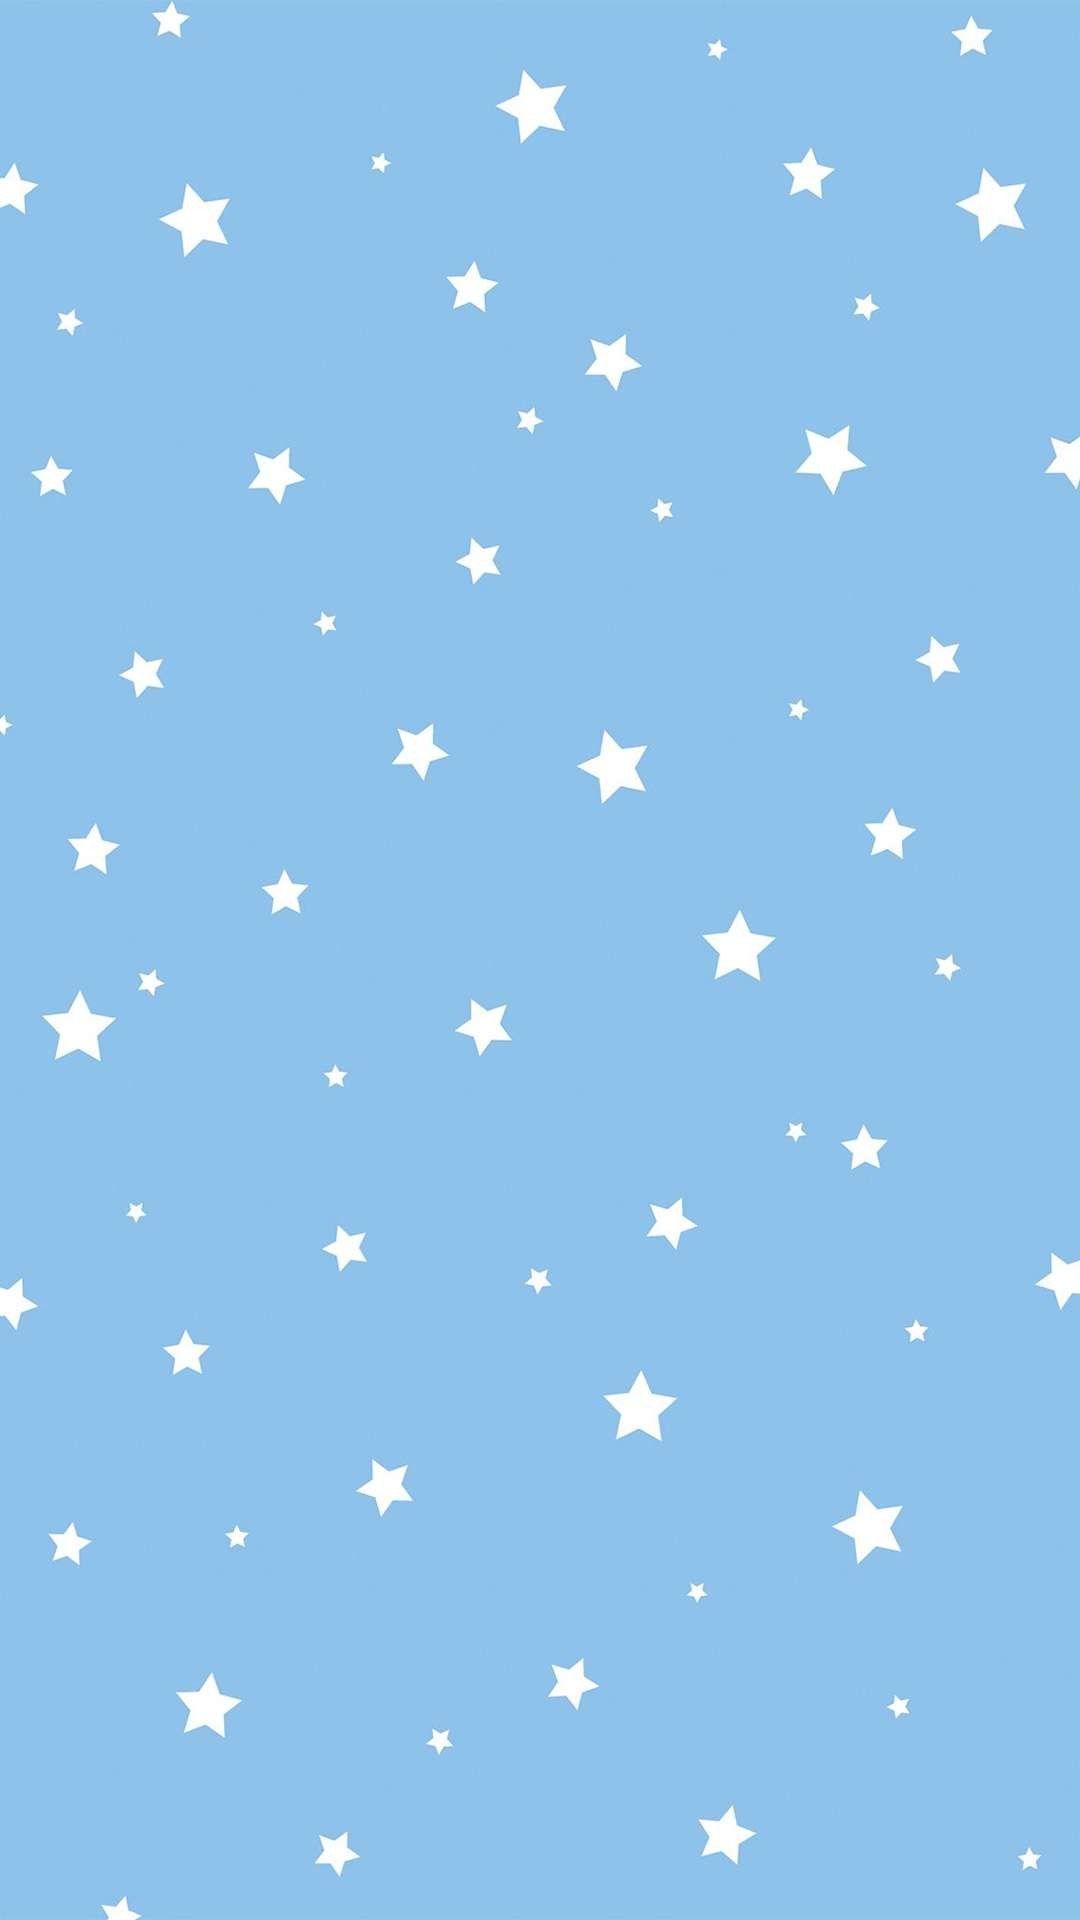 Pin By Giovanna Morinigo On 1 Blue Wallpaper Iphone Iphone Background Wallpaper Colorful Wallpaper